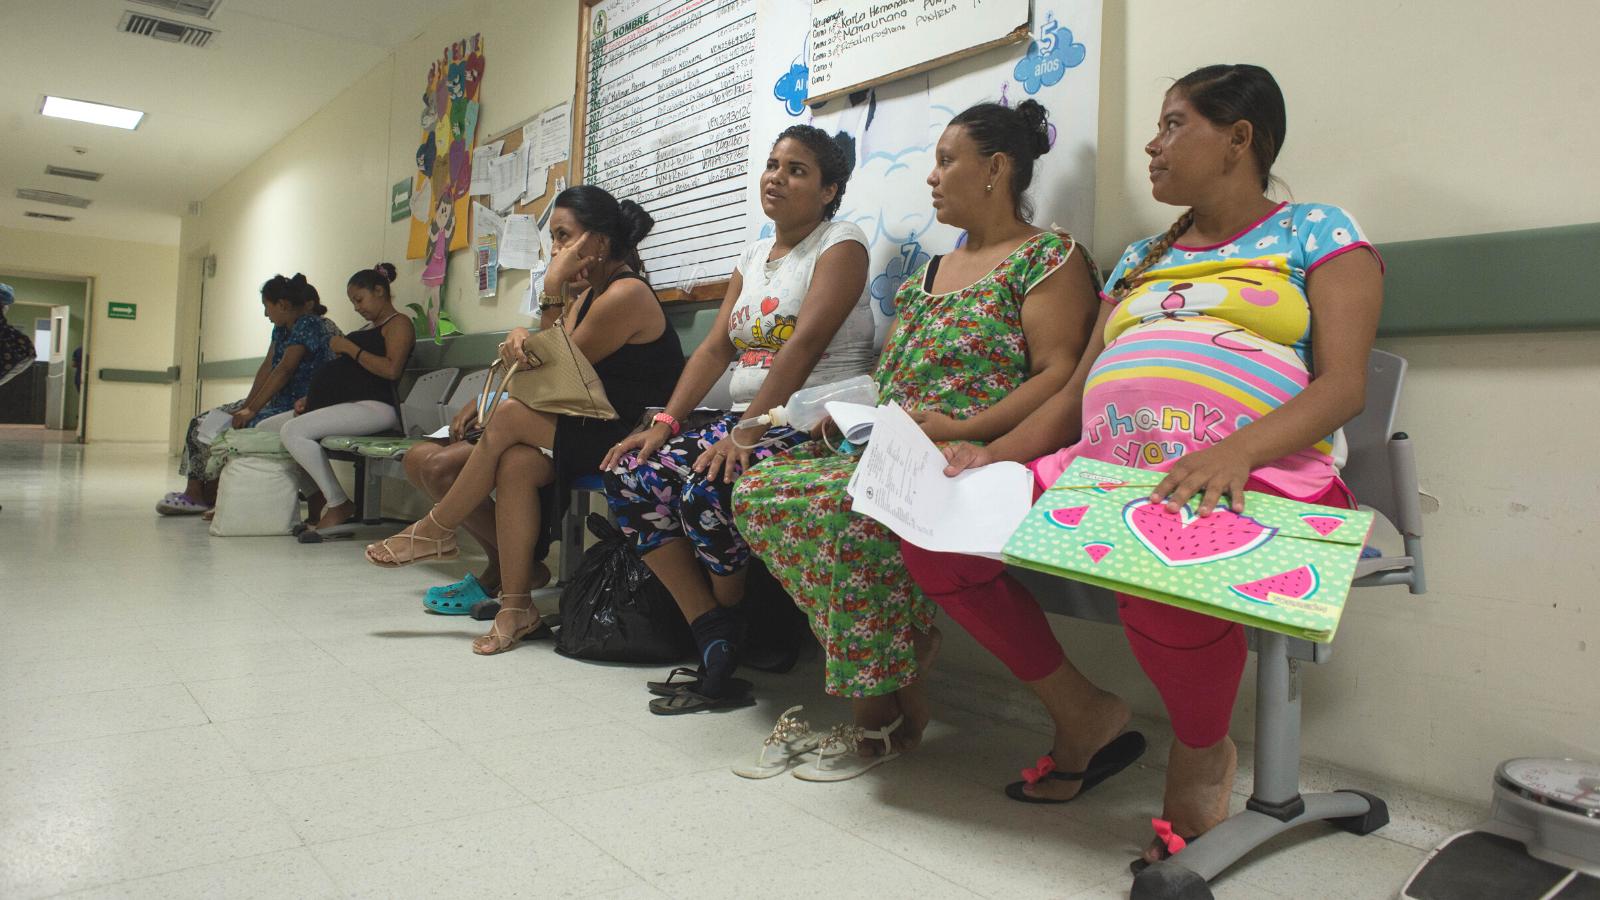 Salud: un lío sin resolver para los migrantes